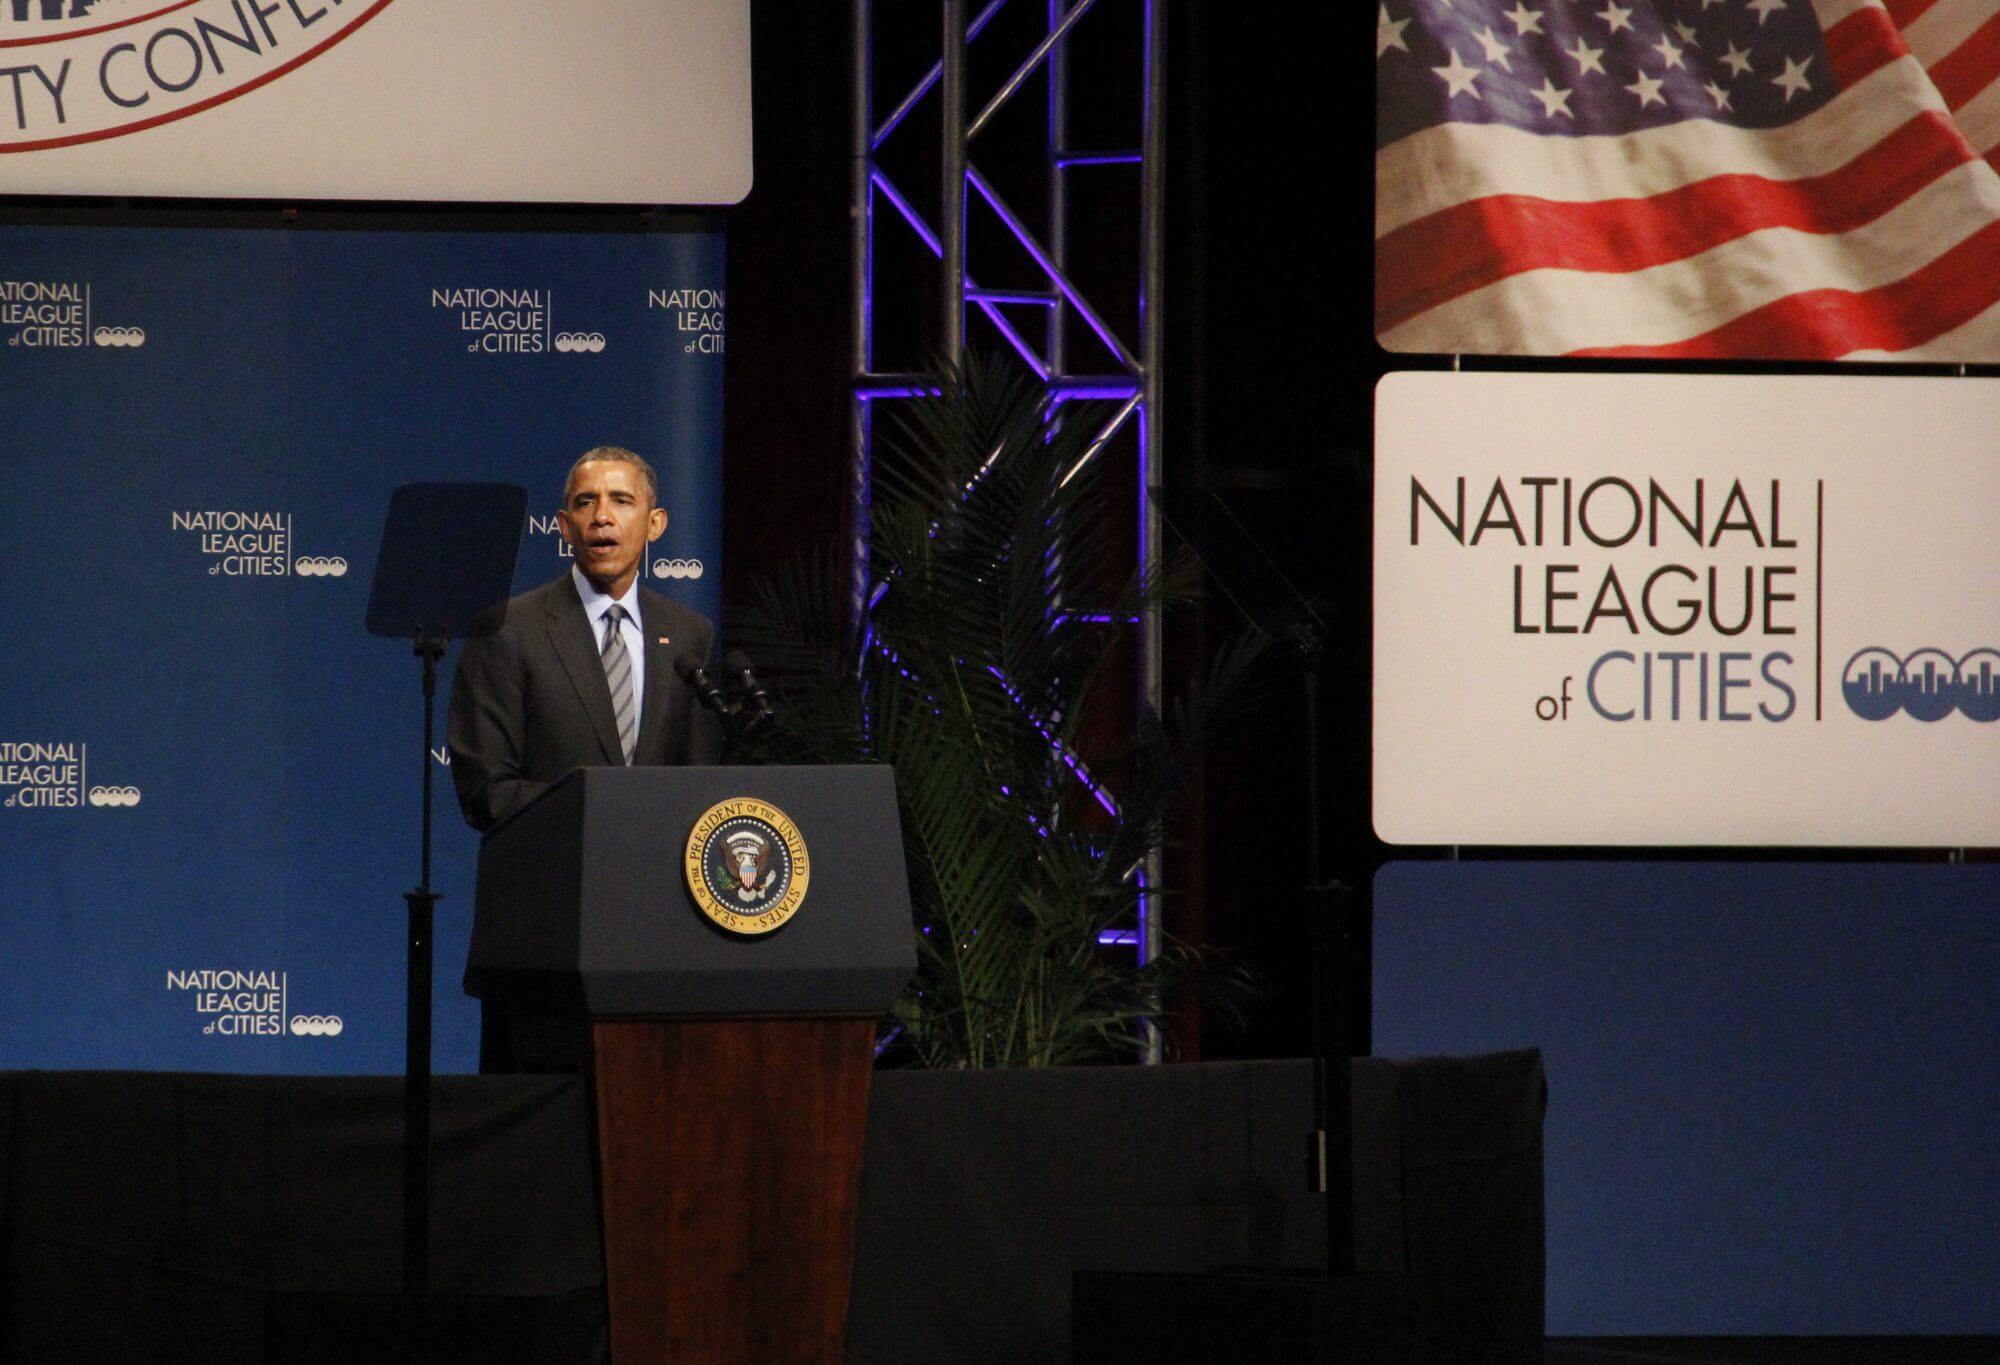 Obama unveils TechHire initiative